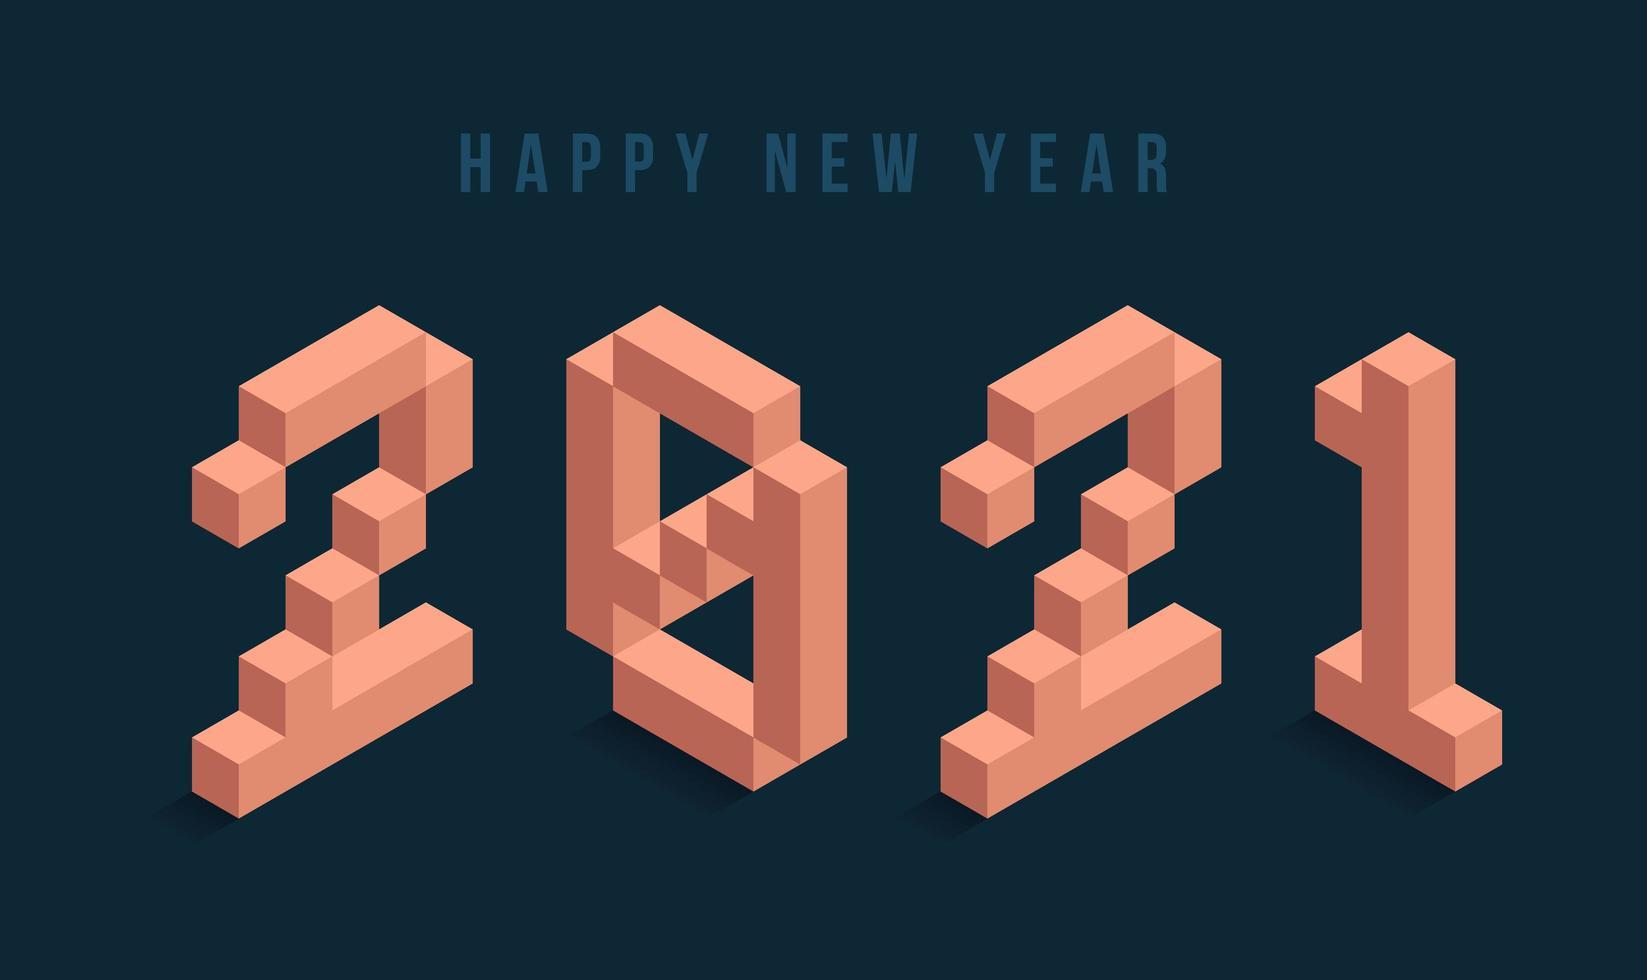 2021 isometrisk typografi för gott nytt år vektor